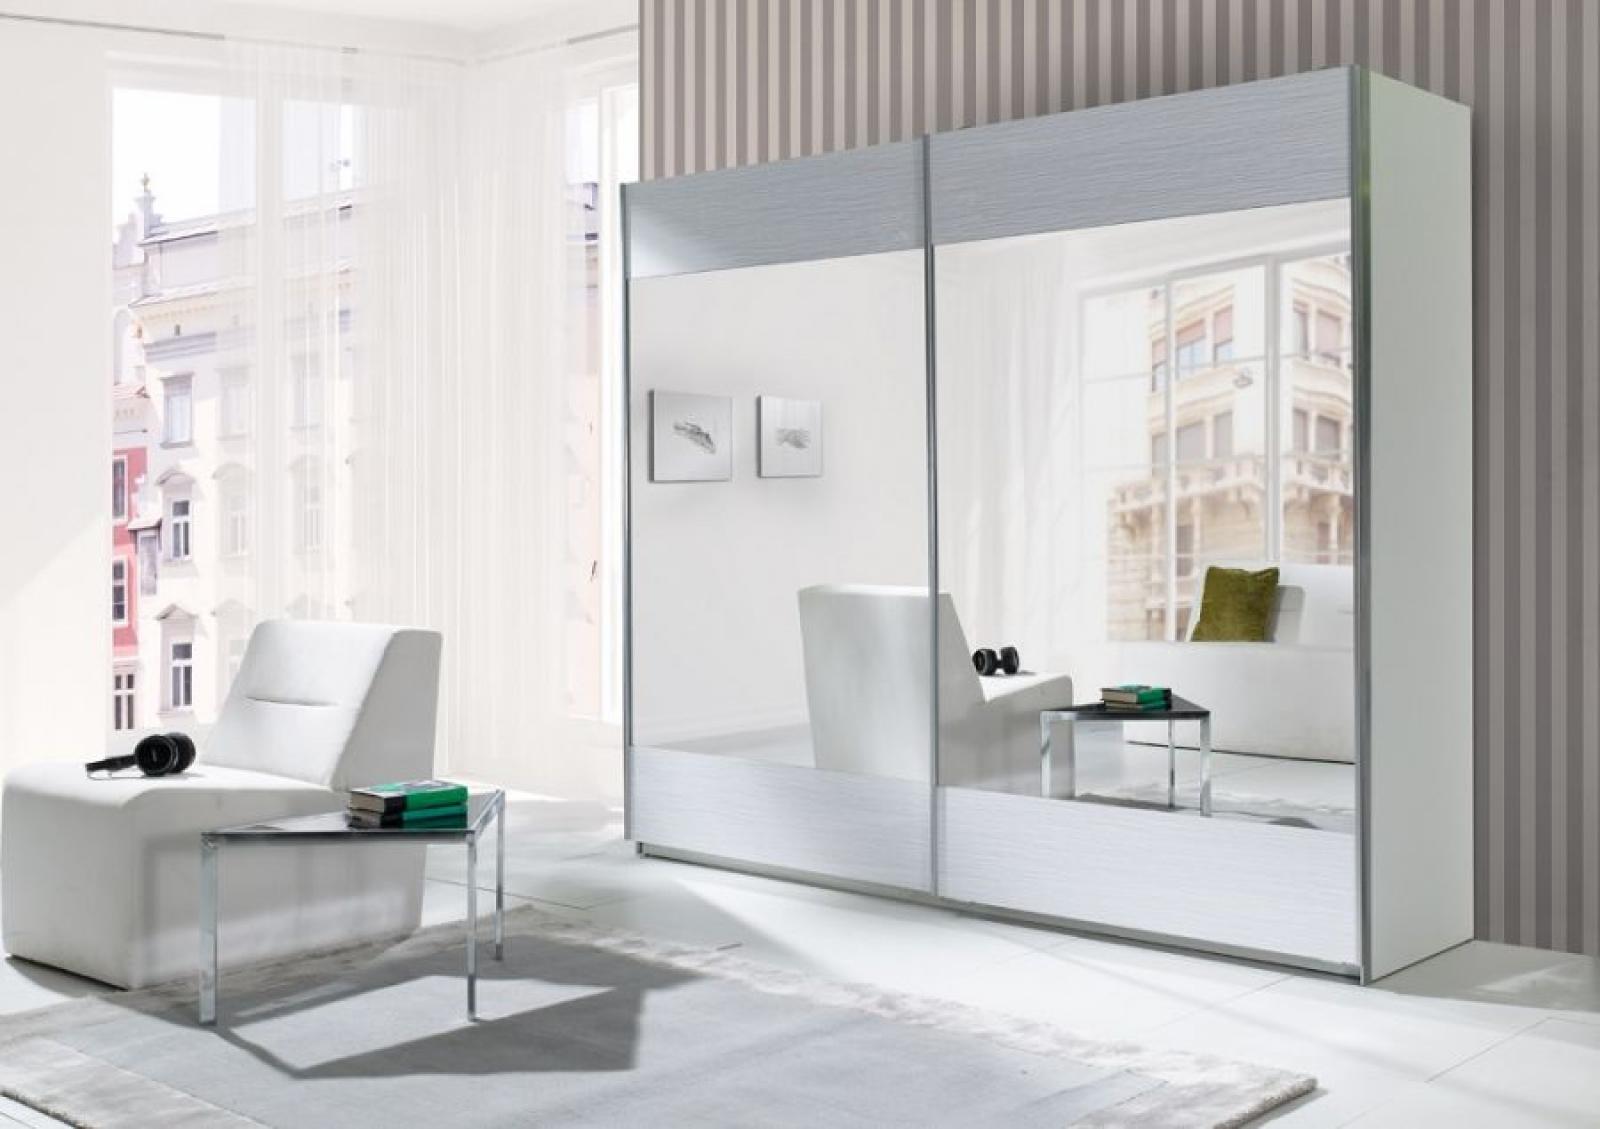 KAUFEXPERT - Schwebetürenschrank 244 cm Strip Weiß Kleiderschrank ...